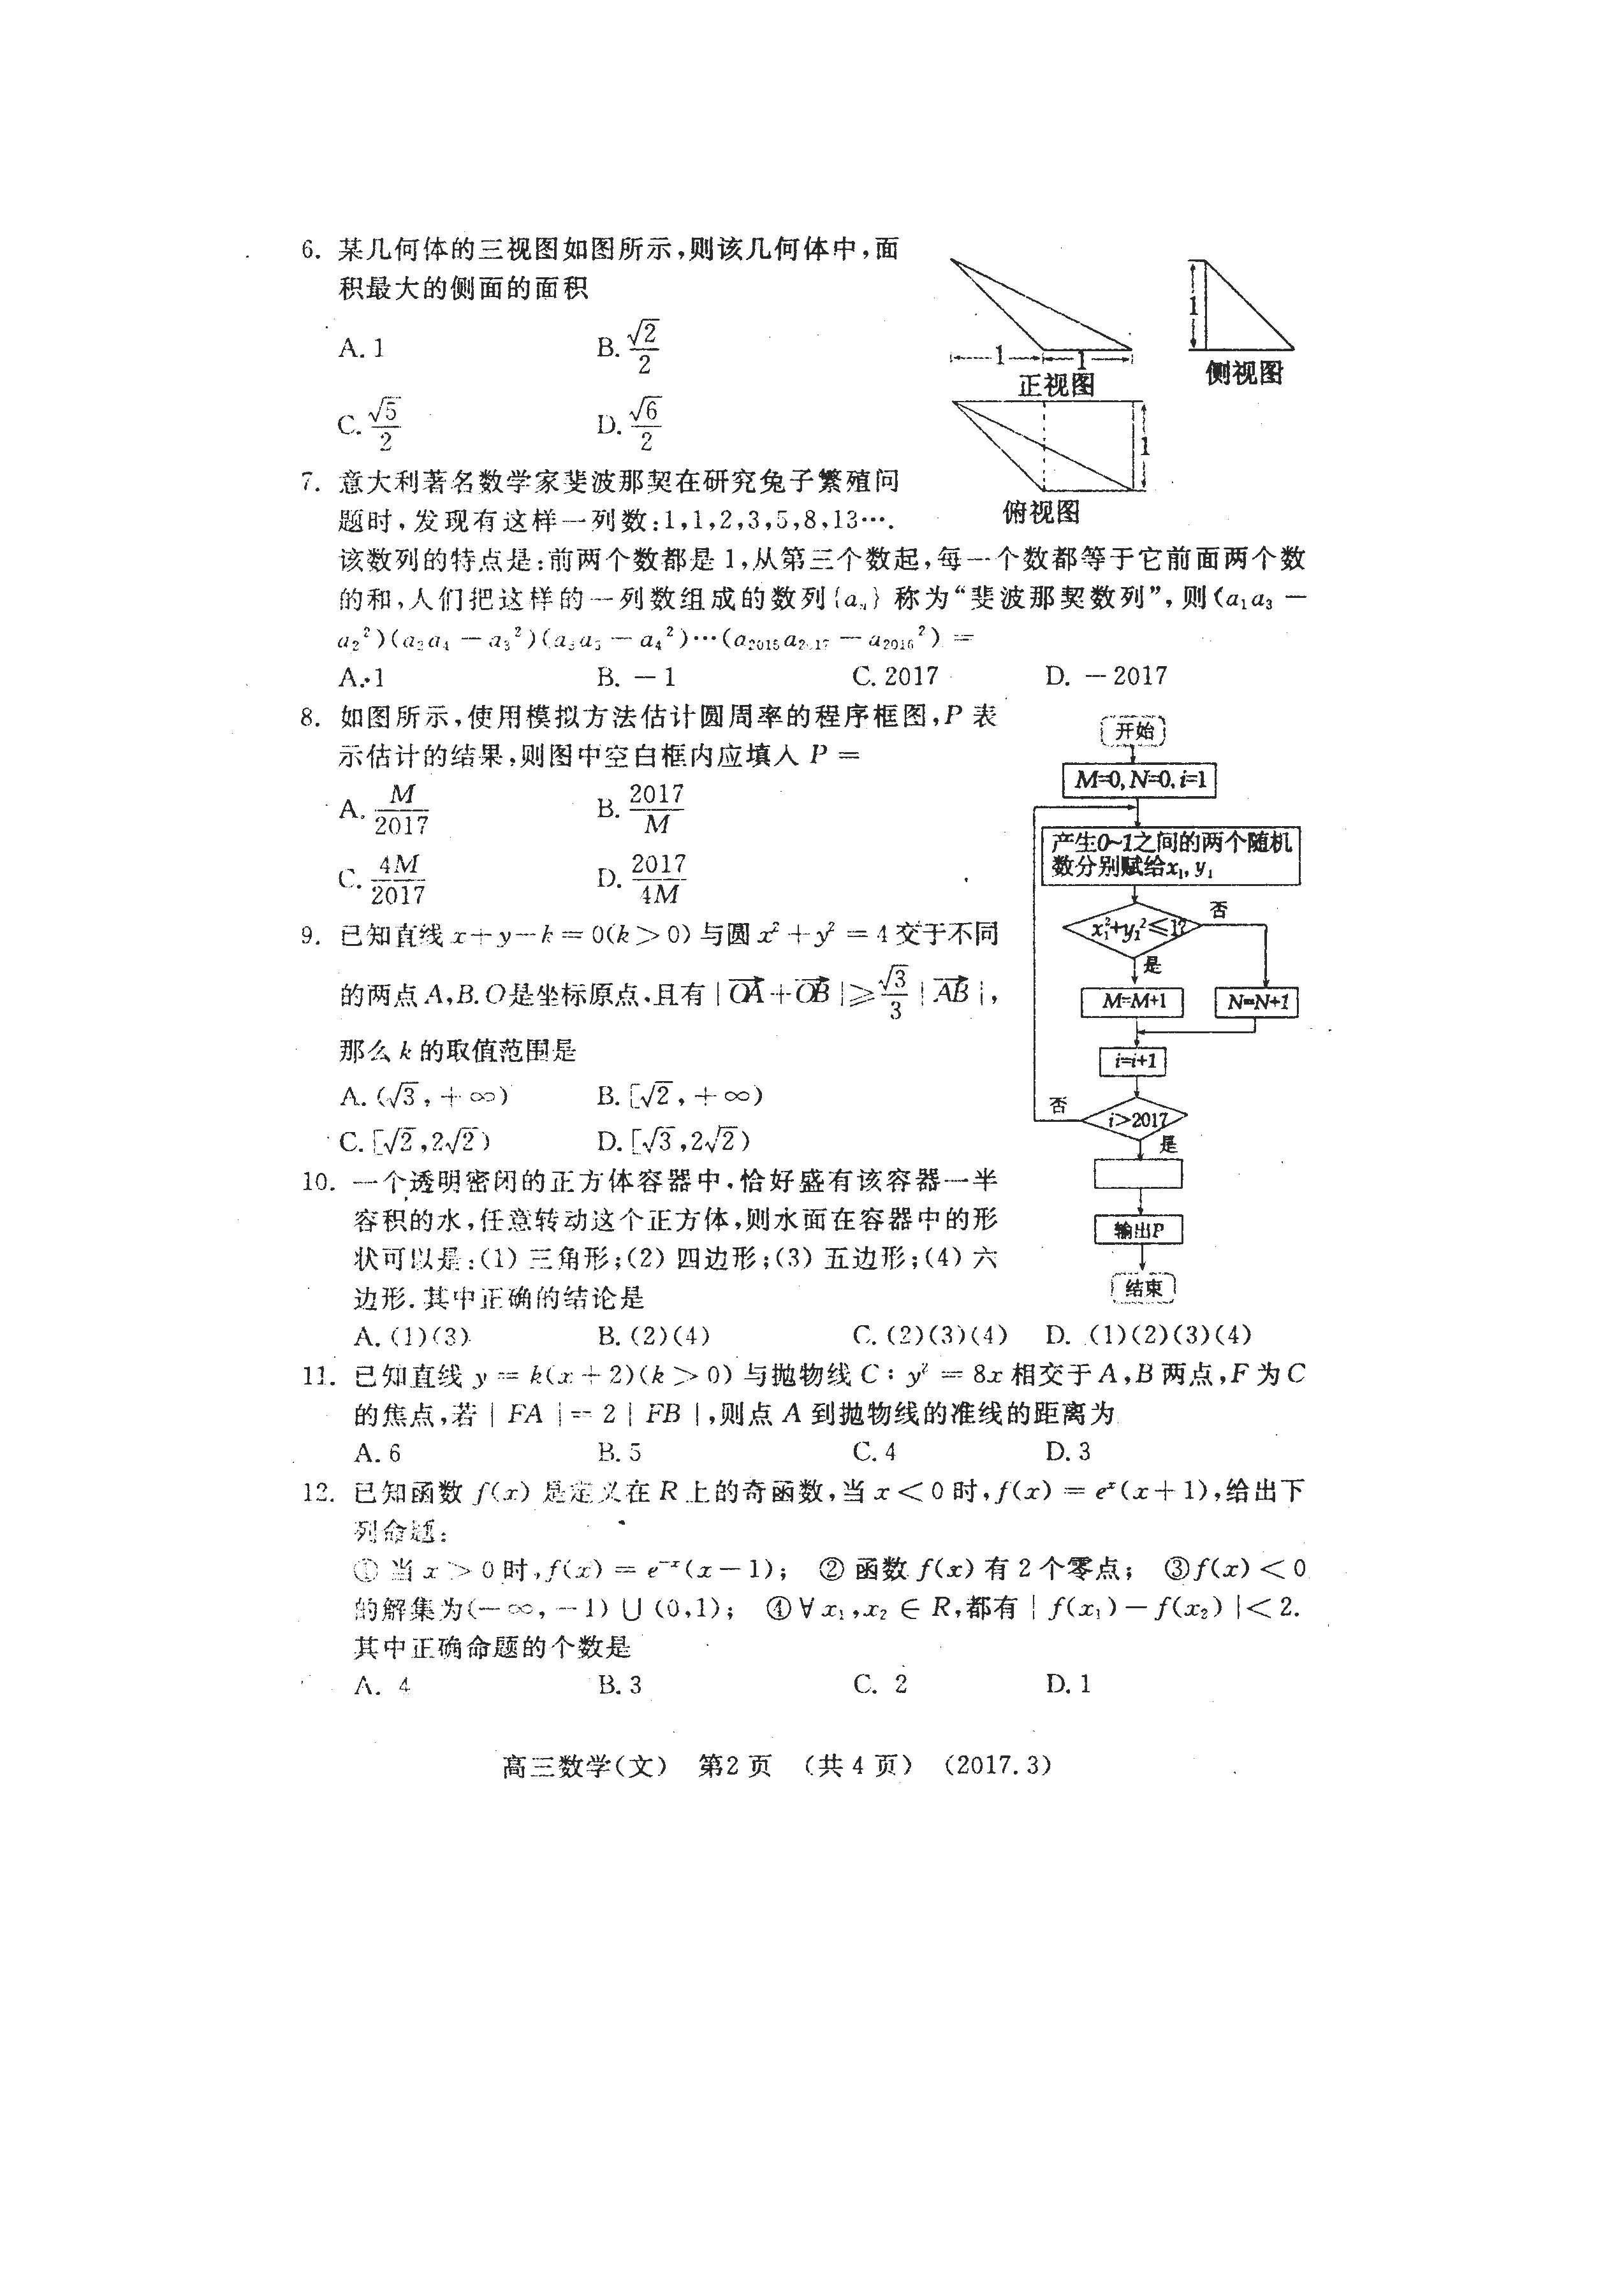 河南省实验中学2017届九年级中考第二次模拟考试语文试题-学科网